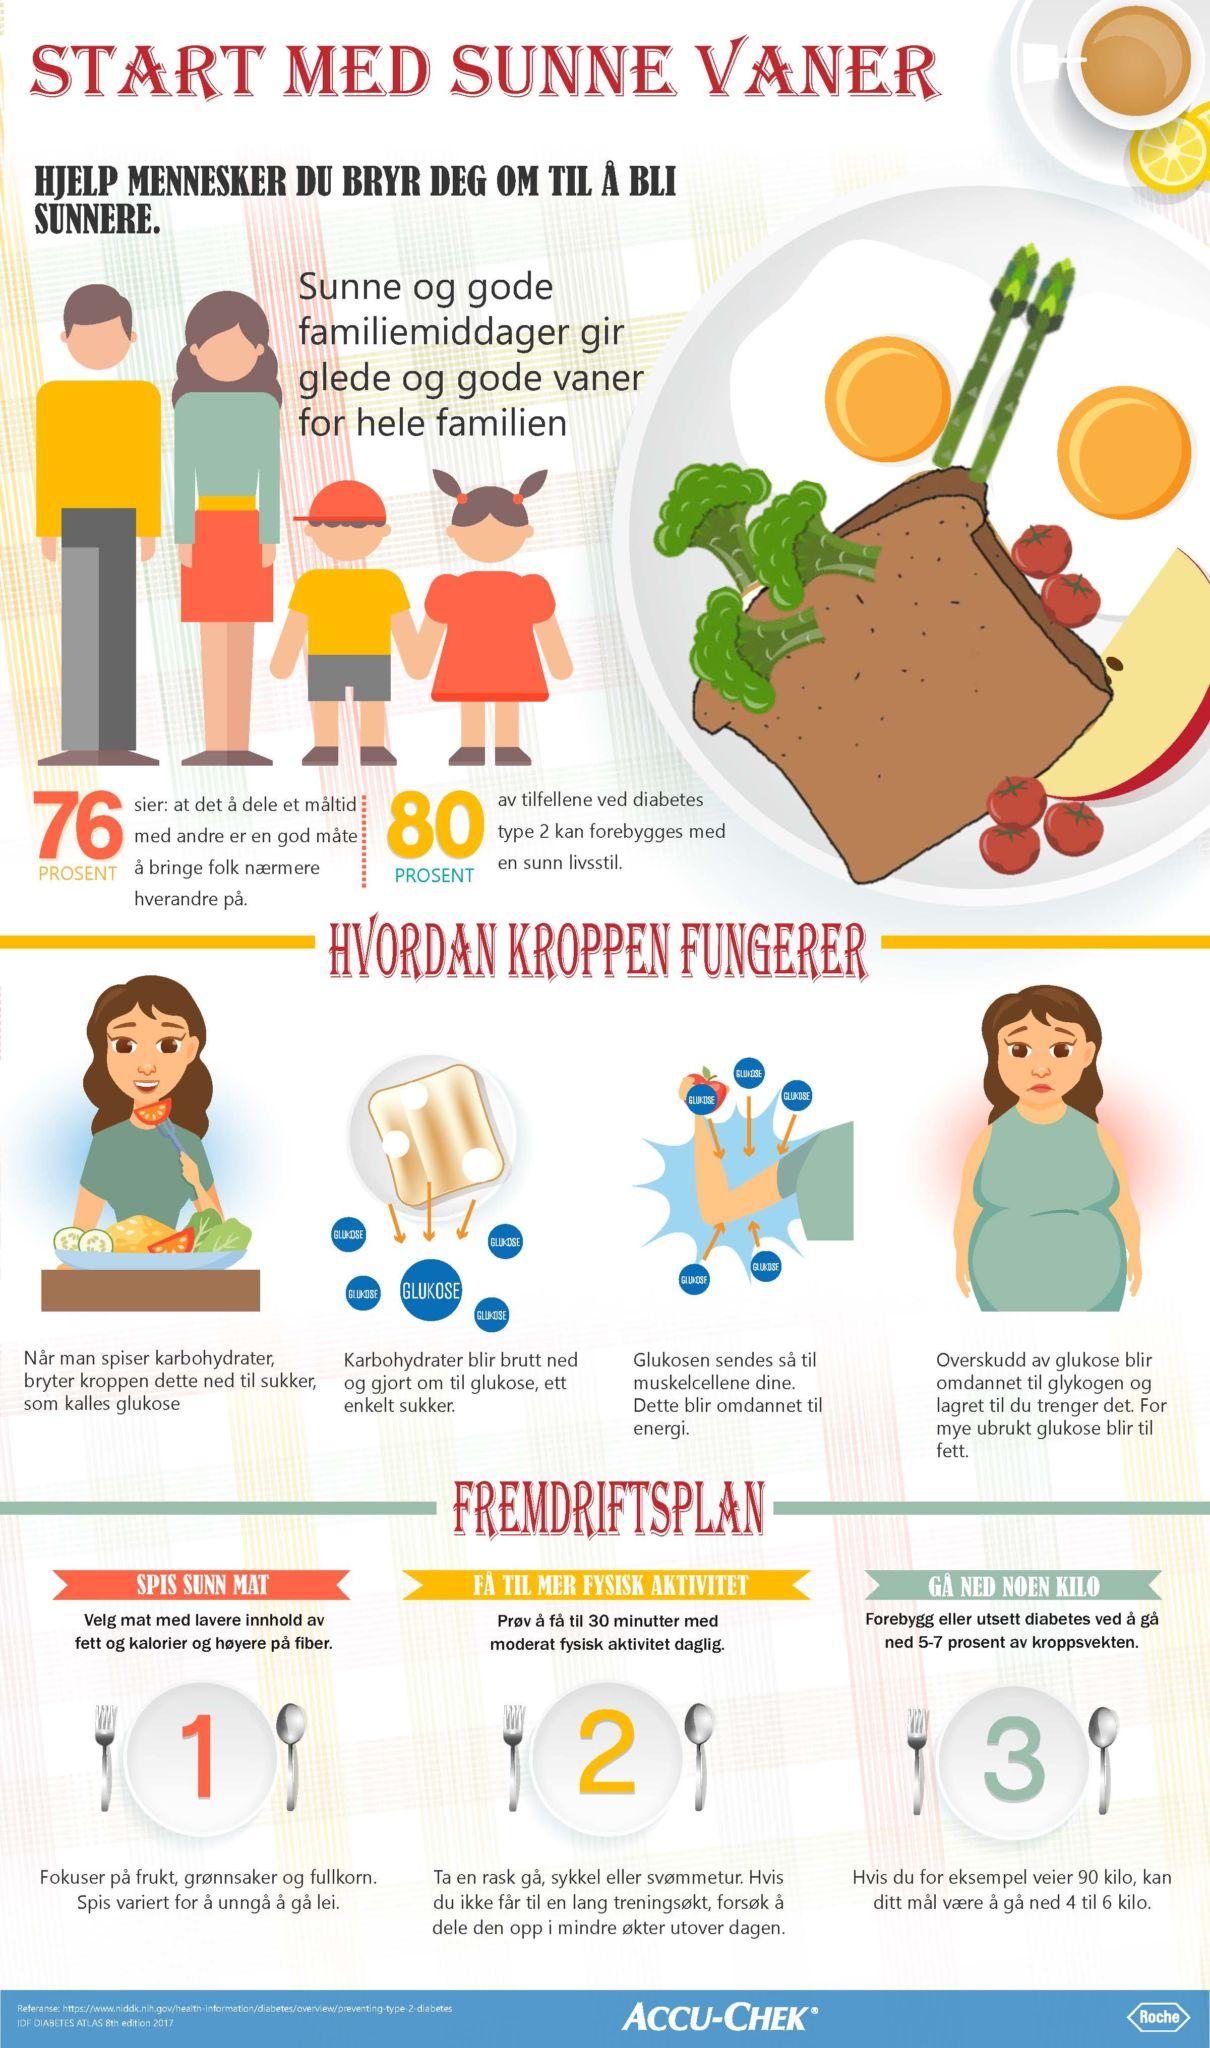 informasjon om sunnere kosthold